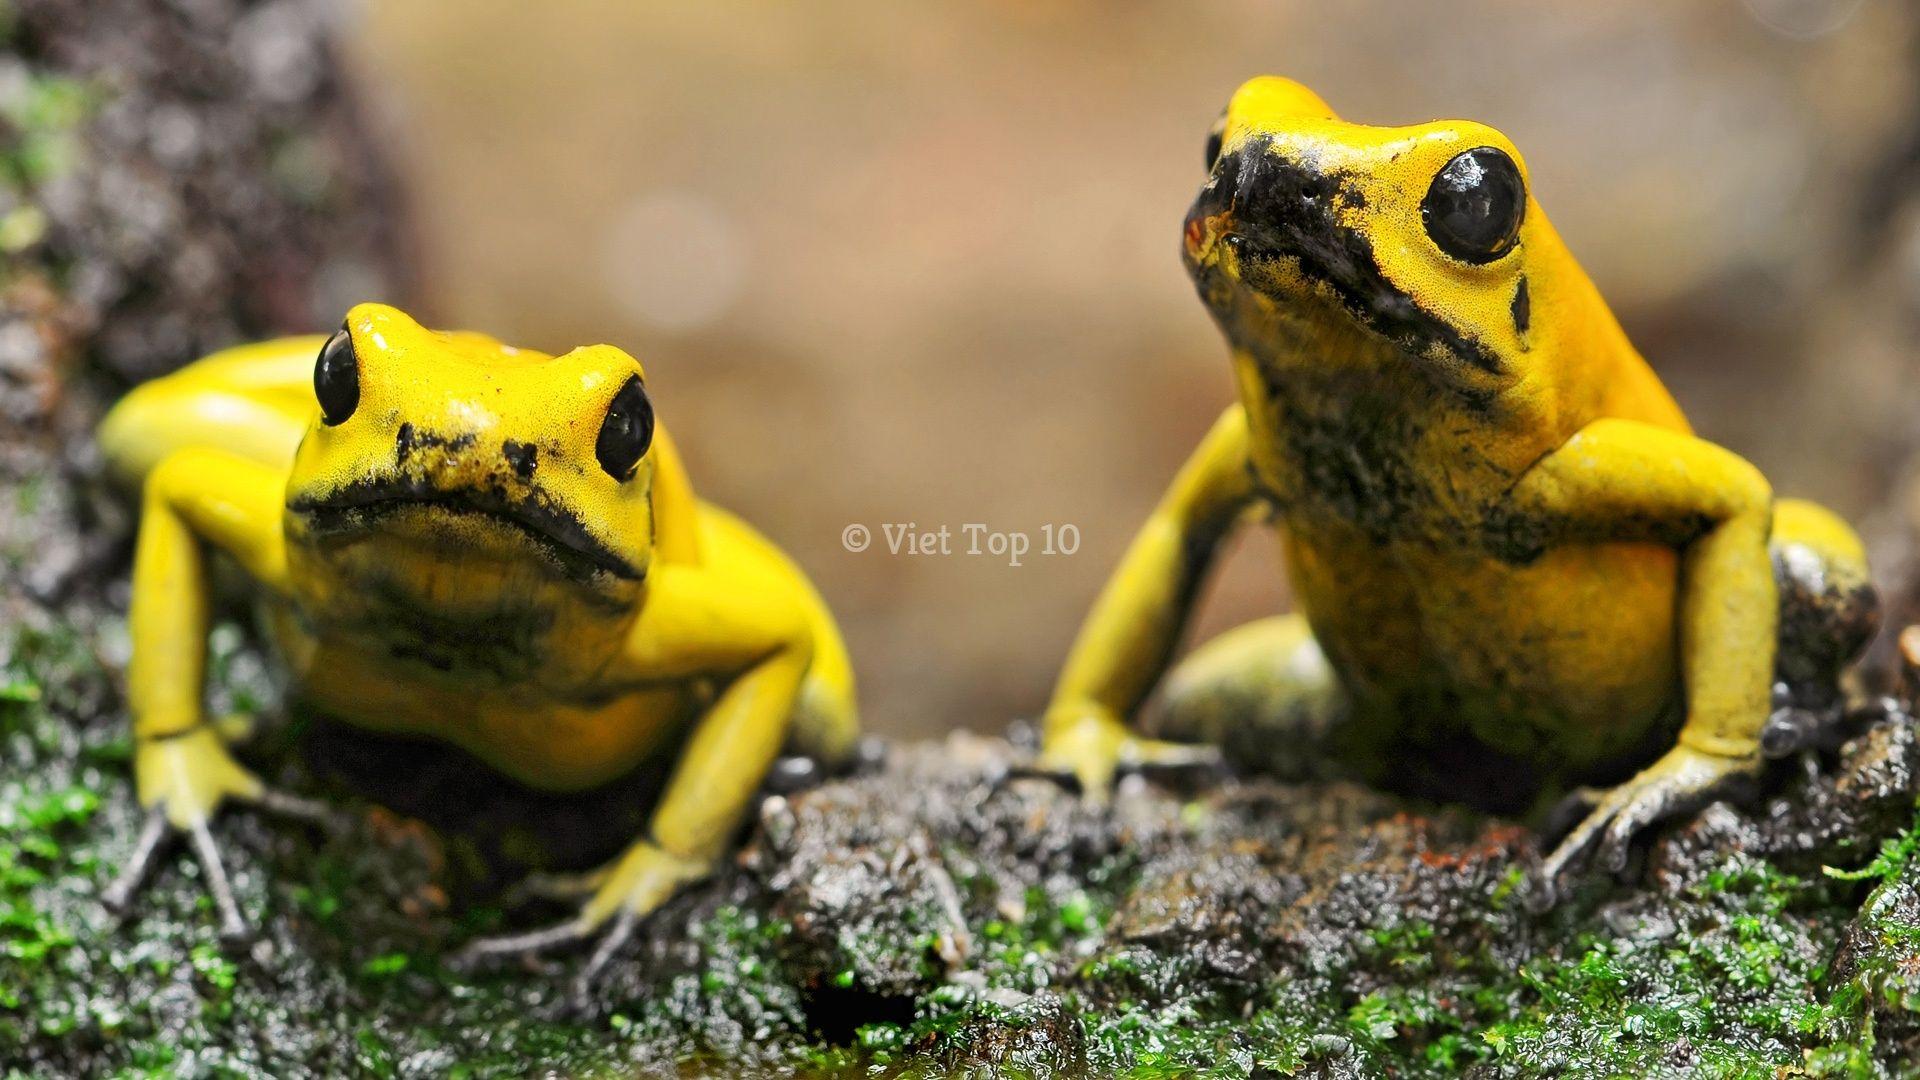 động vật có nọc độc - việt top 10 - việt top 10 net - viettop10